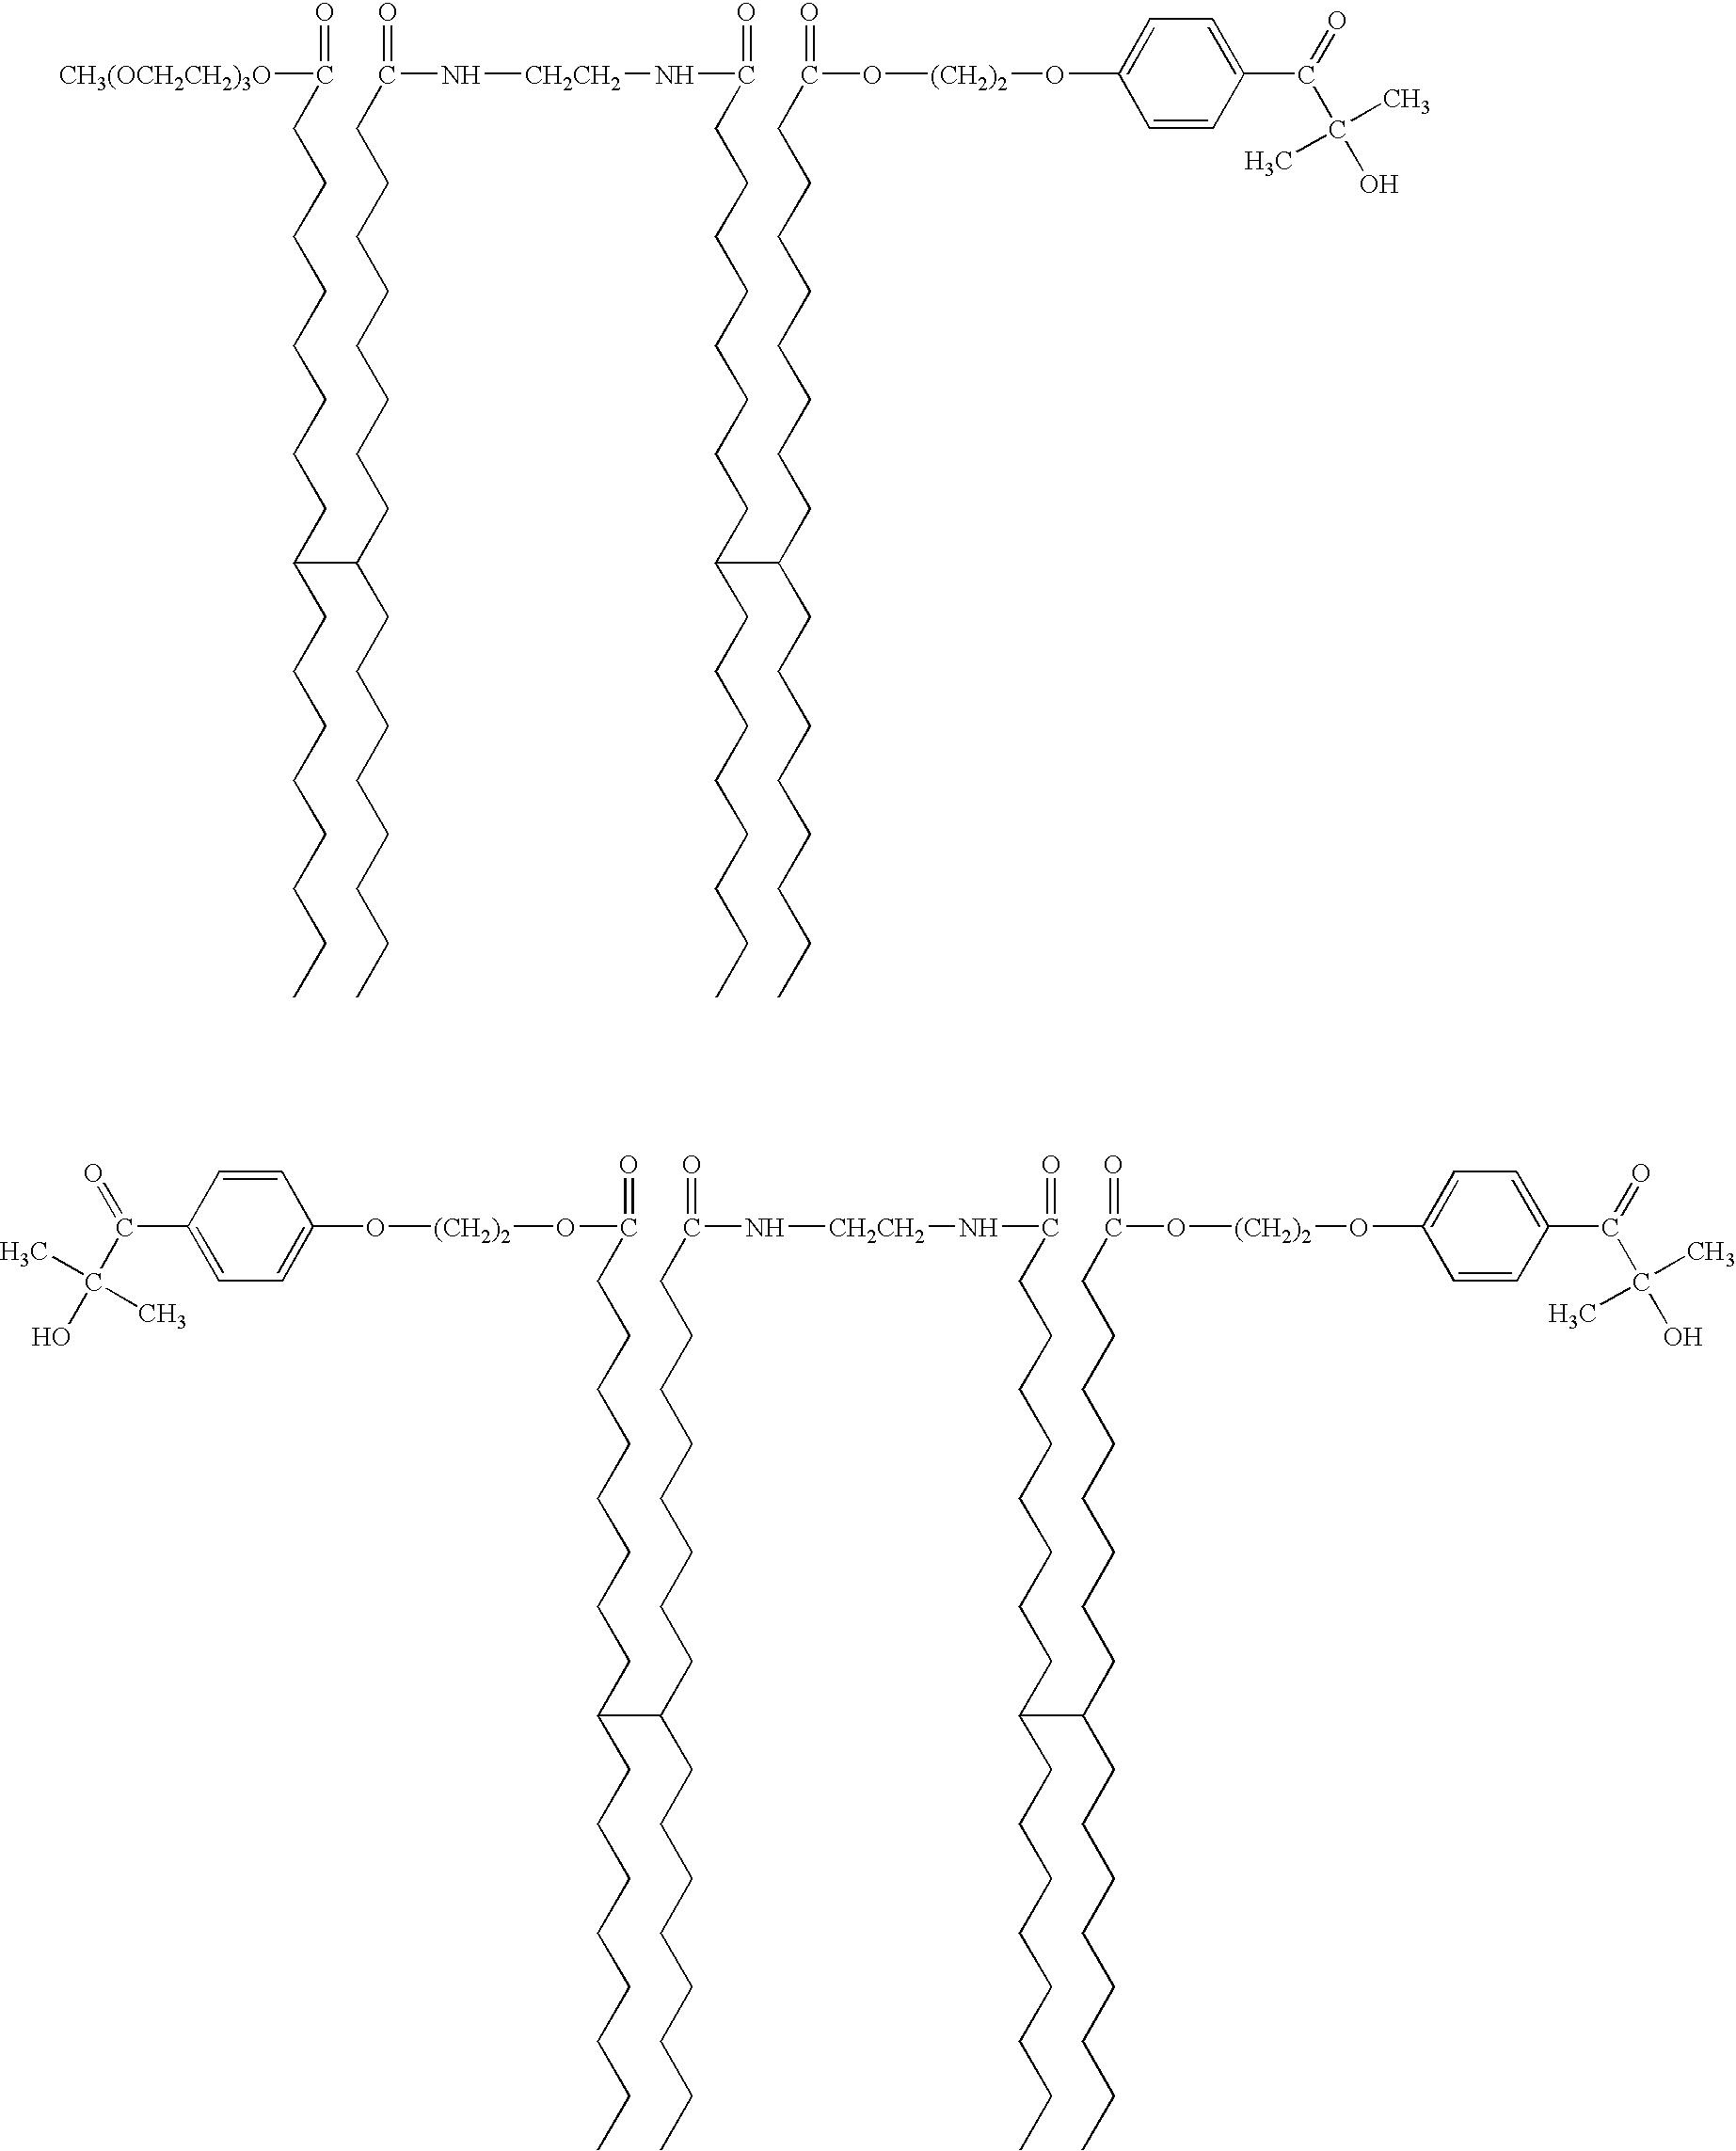 Figure US20070120910A1-20070531-C00053